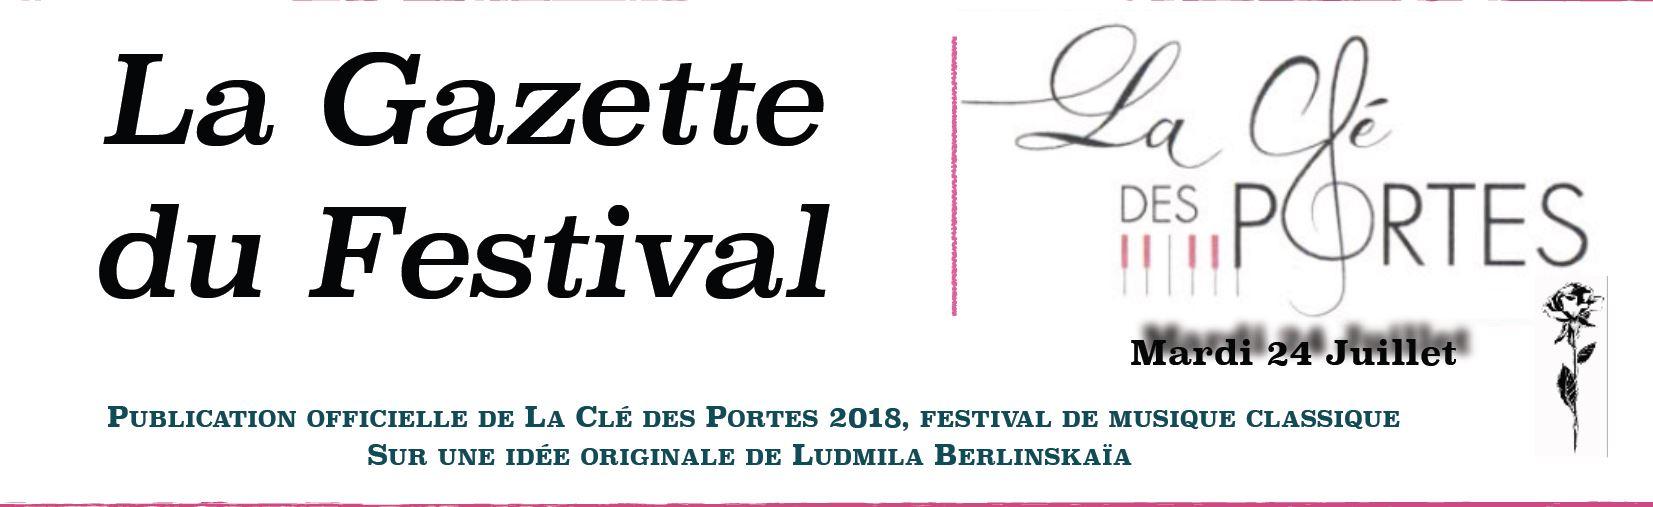 NOUVEAUTE 2018 : La Gazette du festival, sur une idée originale de Ludmila Berlinskaïa.  A découvrir dès le concert d'ouverture